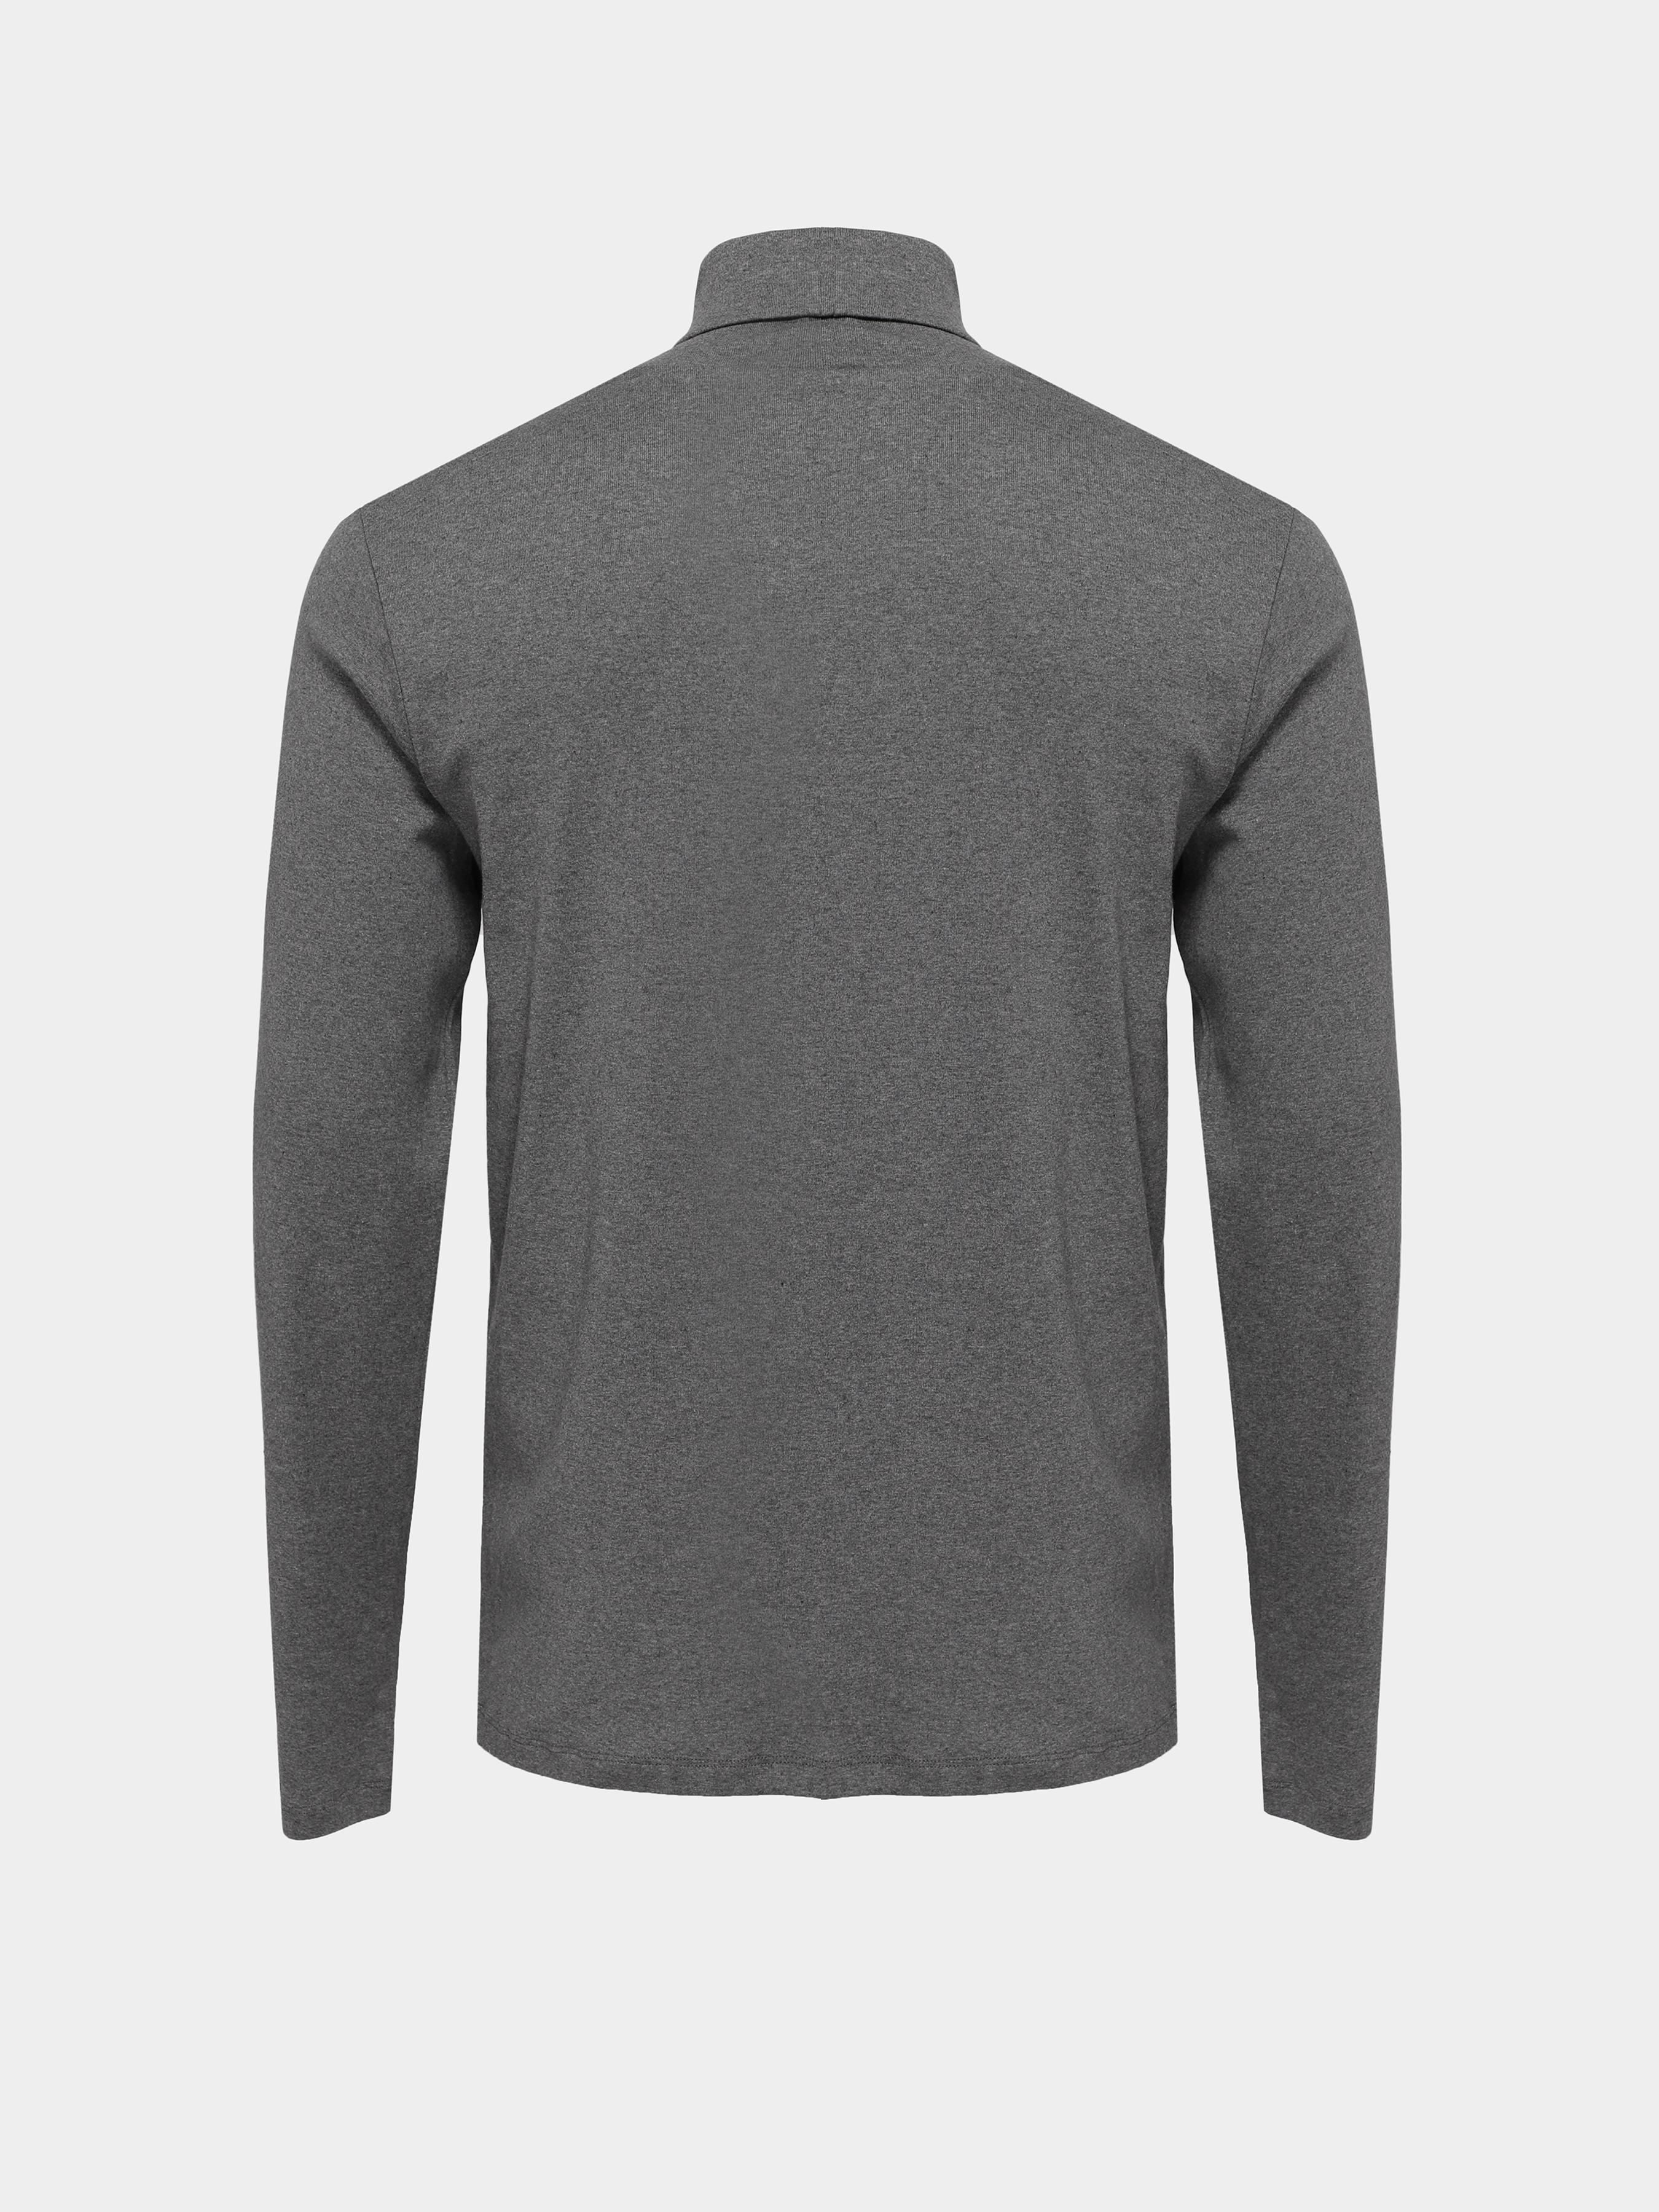 Кофты и свитера мужские MARC O'POLO модель PE3590 качество, 2017